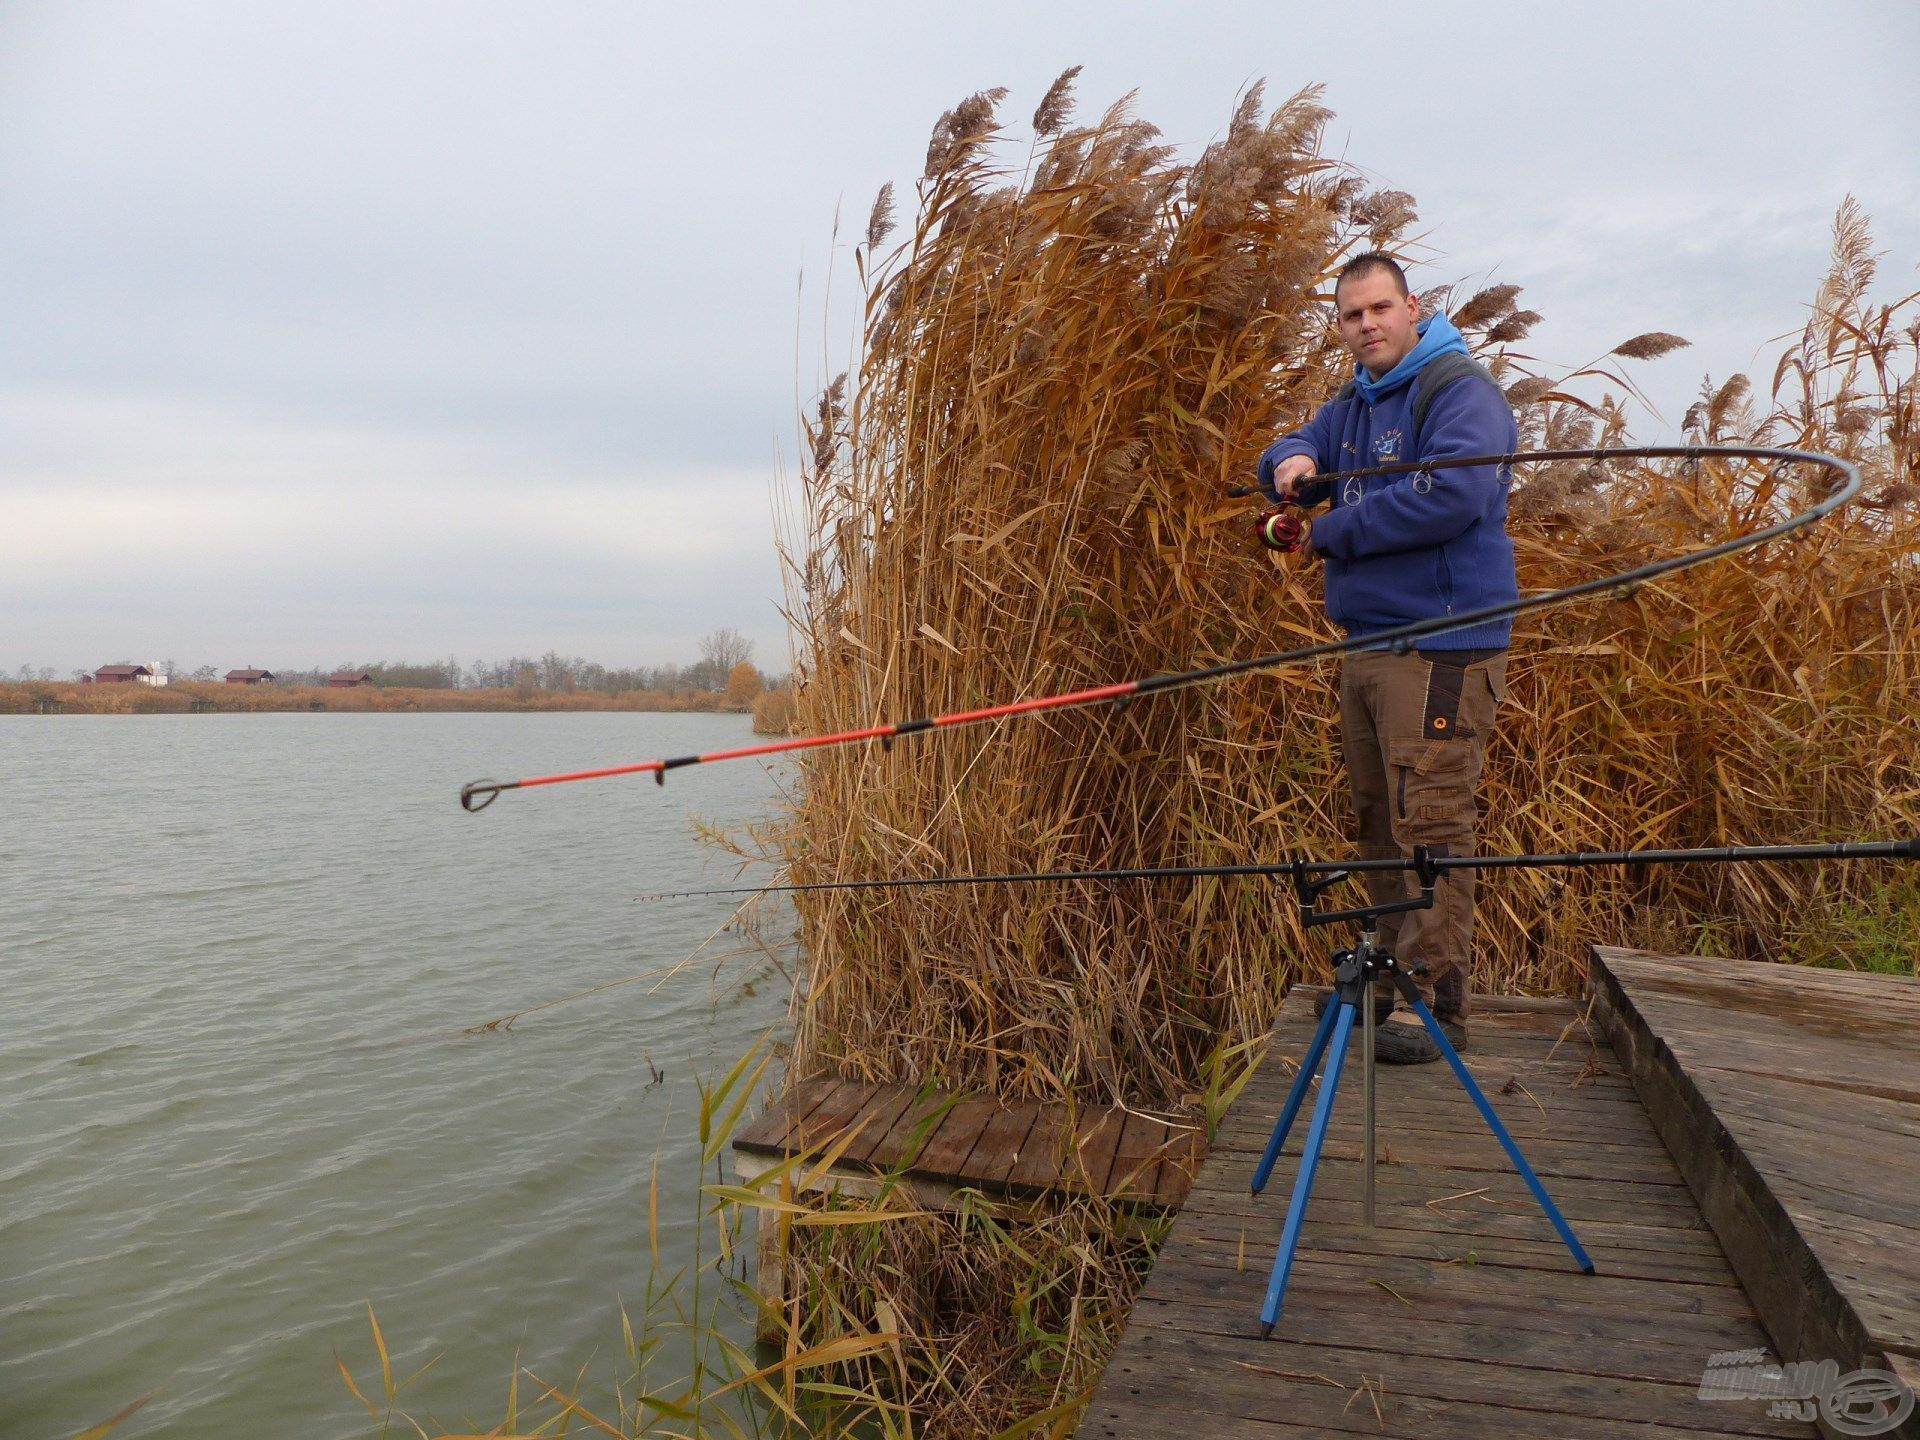 A jéghideg víz ellenére a nagytestű pontyok megdolgoztatják a horgászt és a felszerelést egyaránt